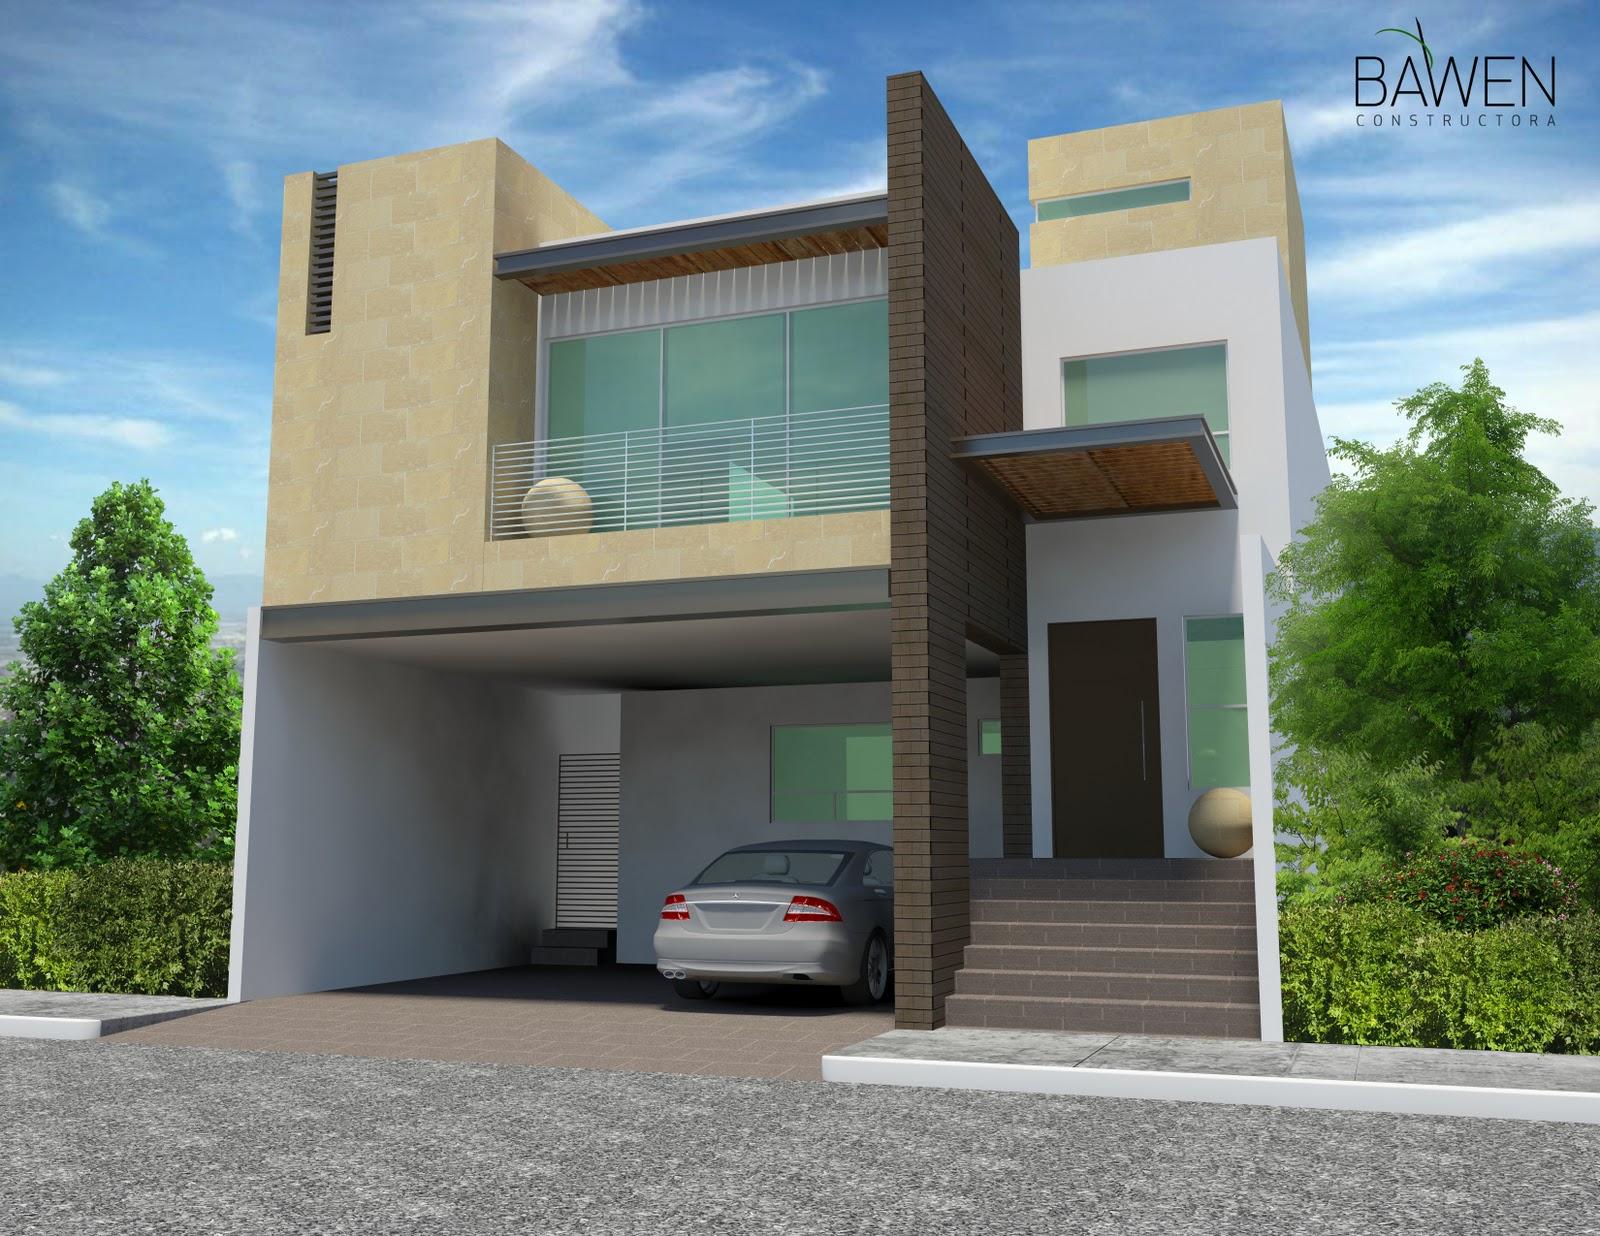 D3d residencia cumbres elite bawen constructora for Fachadas de casas pequenas de 2 pisos